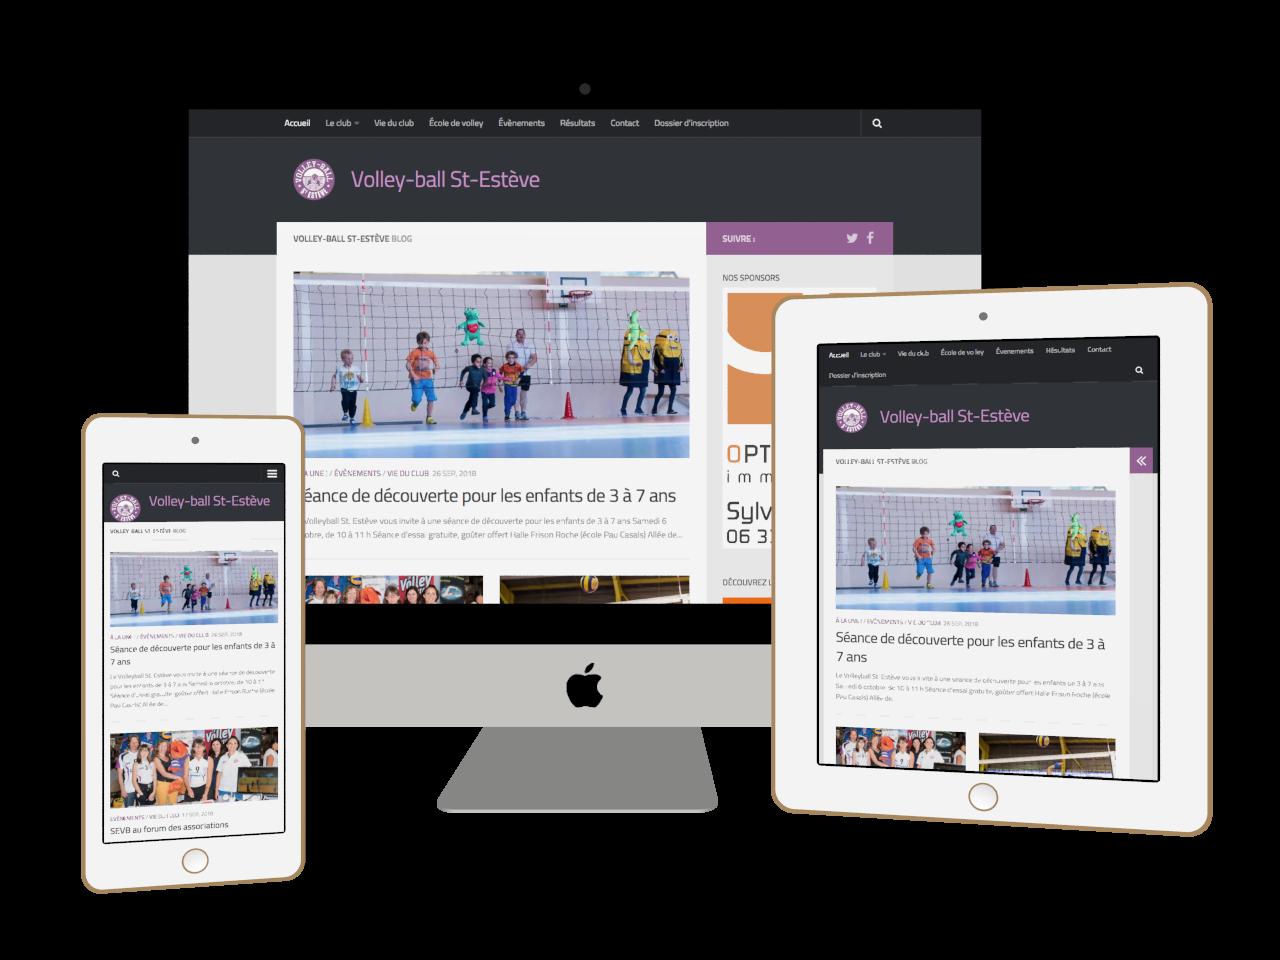 Micraux, nos clients sont nos meilleurs ambassadeurs : vue adaptative sur ordinateur, tablette et smartphone pour Volley-Ball Saint-Estève